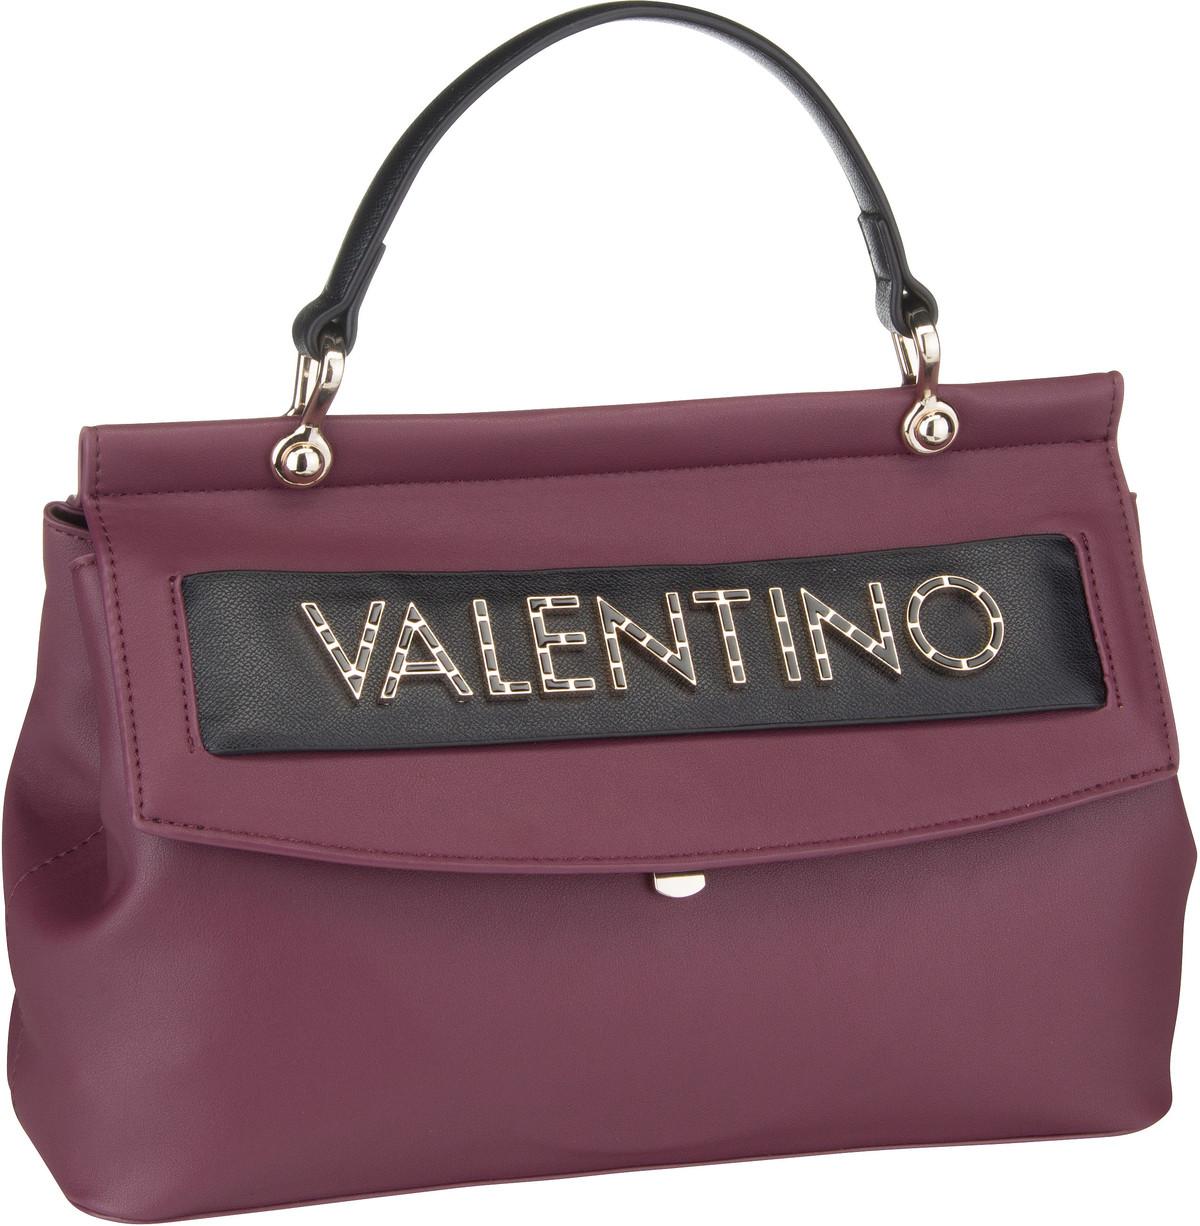 Bags Handtasche Fisarmonica Cartella X02 Prugn/Nero